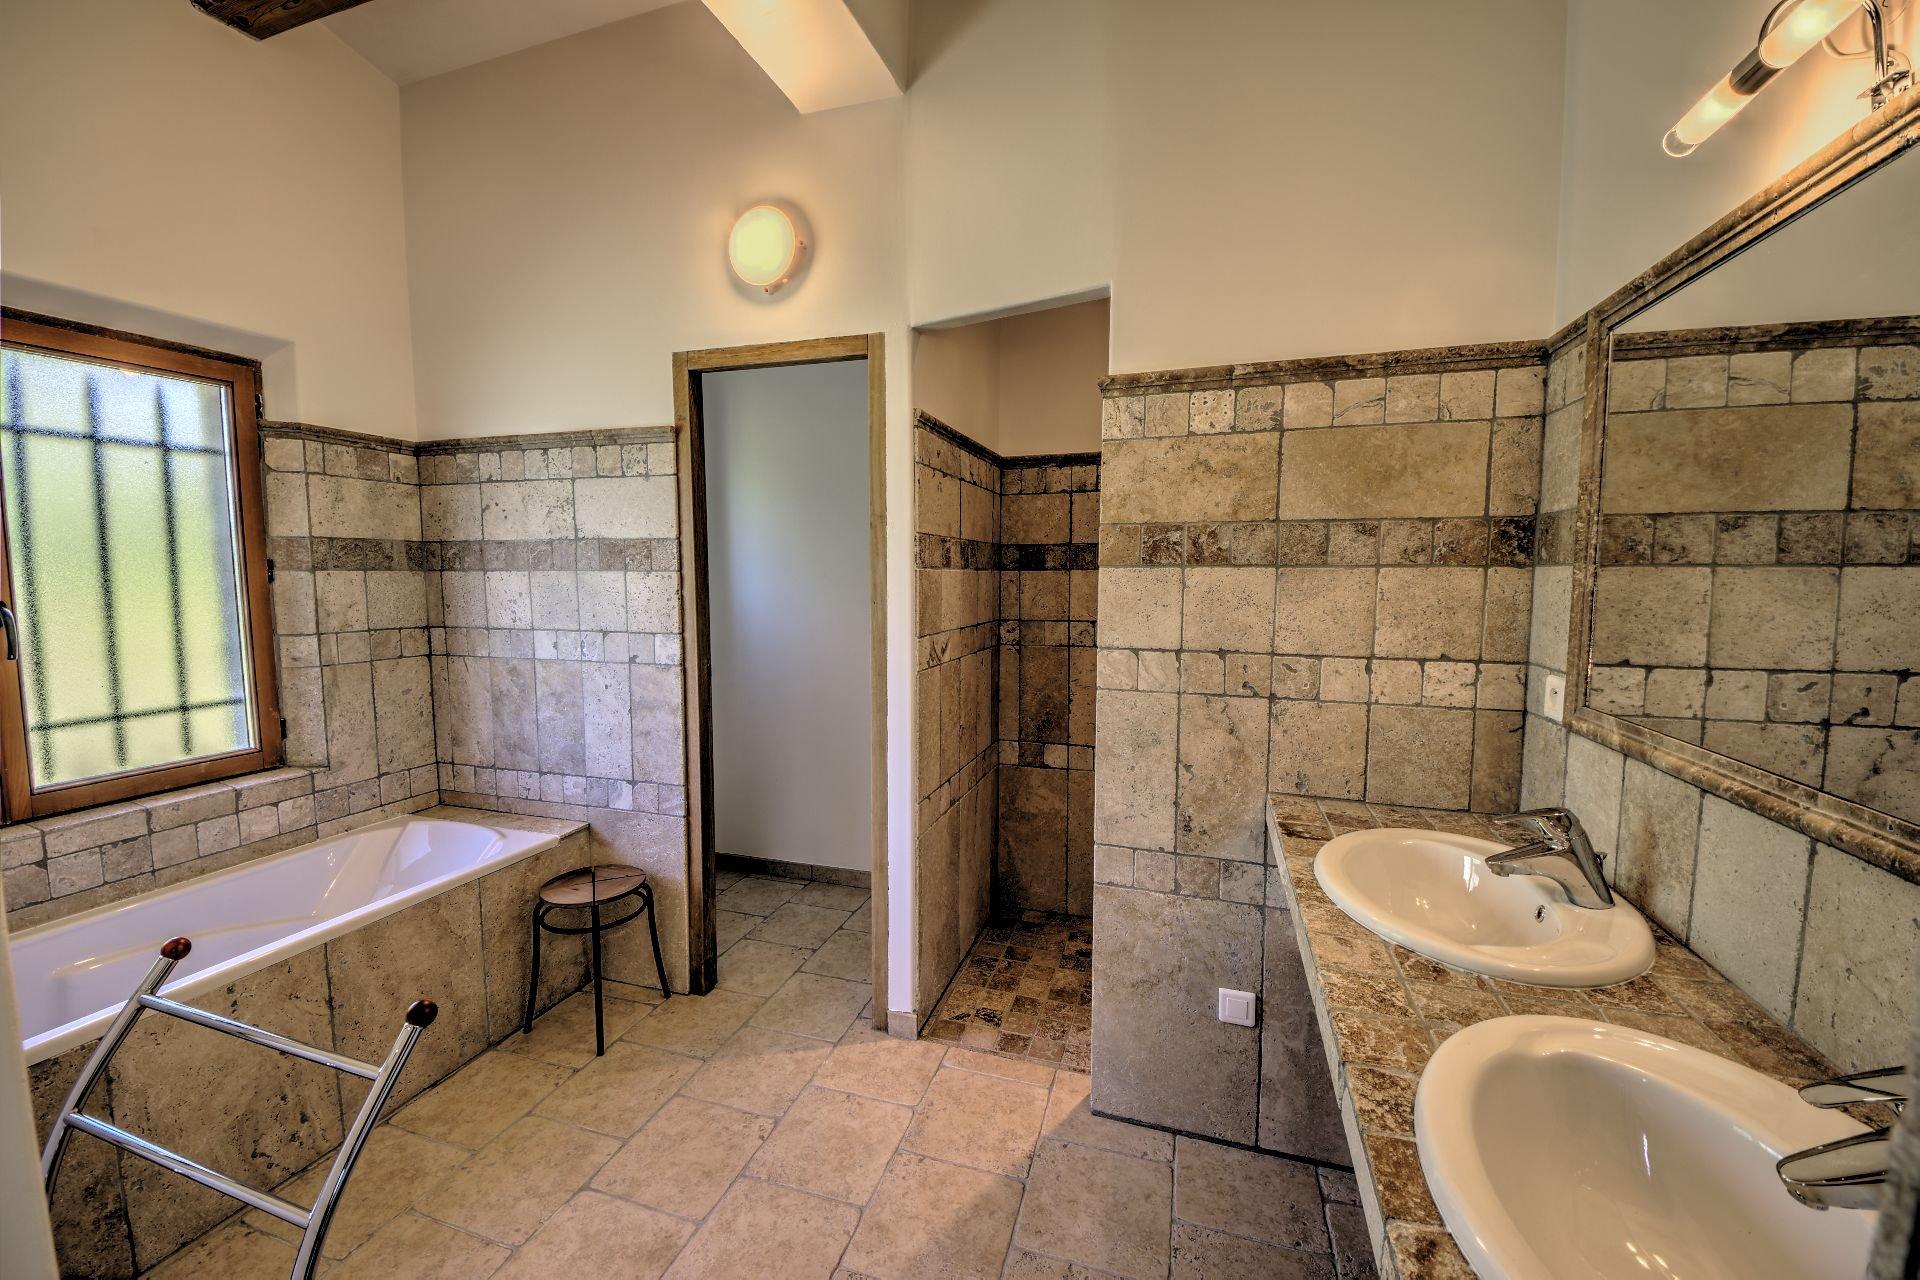 Salle de bains 1 Maison hautes performances énergétique baudinard, verdon, var, provence